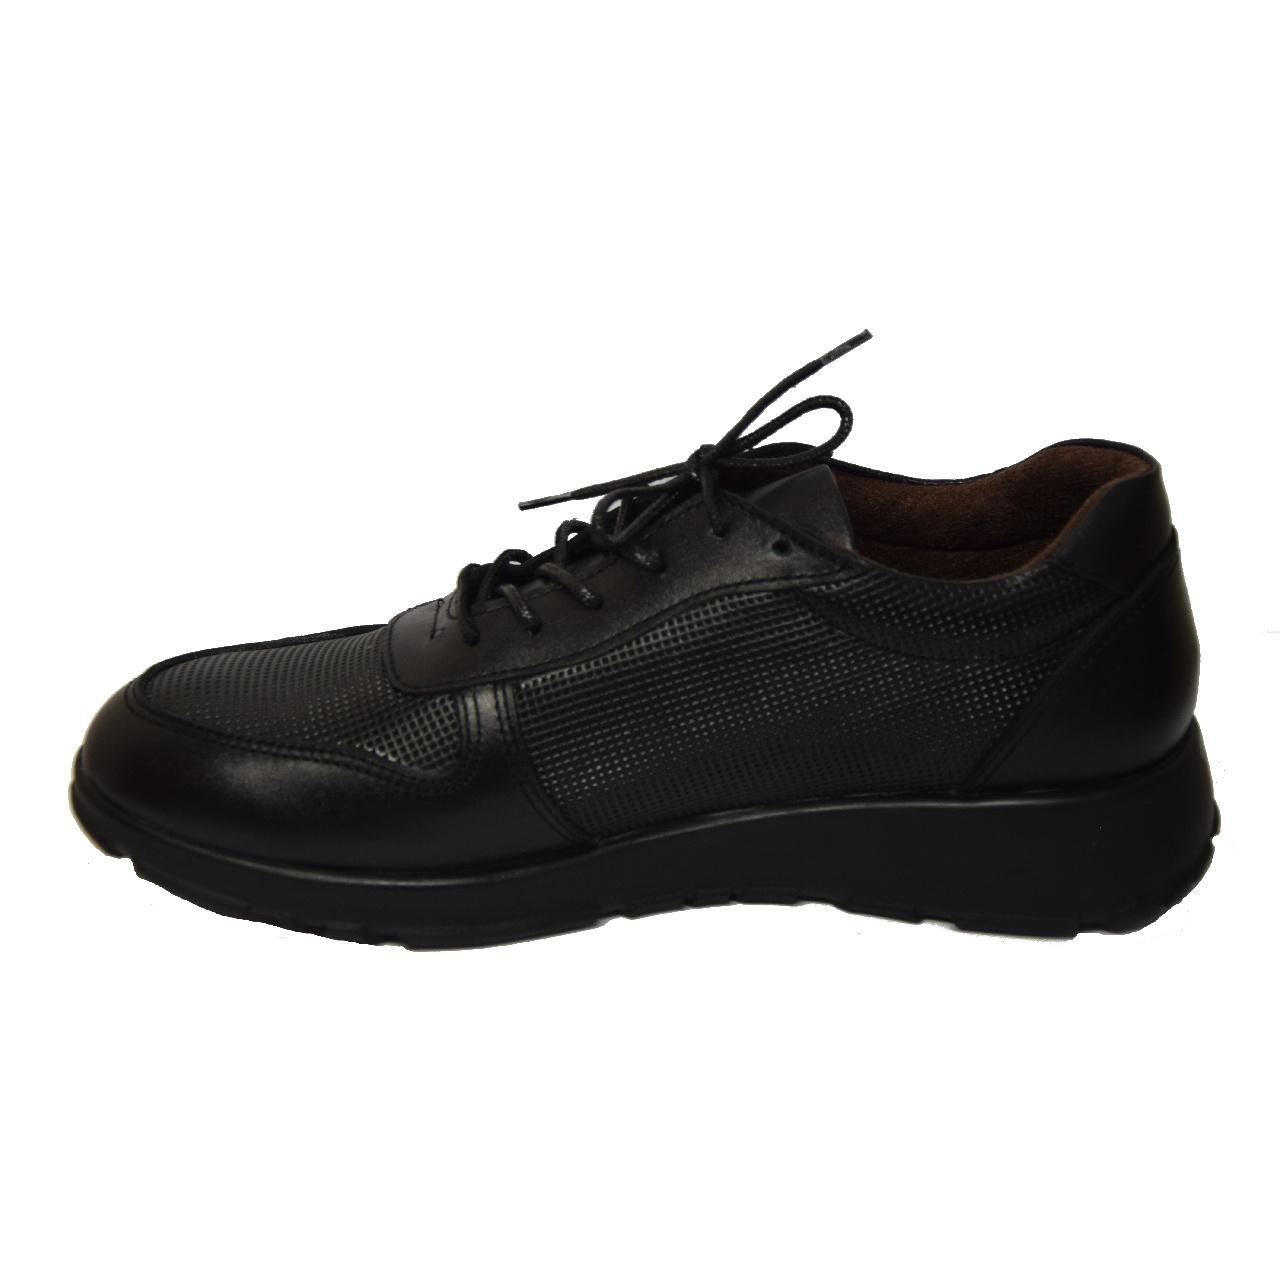 کفش مخصوص پیاده روی زنانه اطلس چرم تبریز مدل ATL731